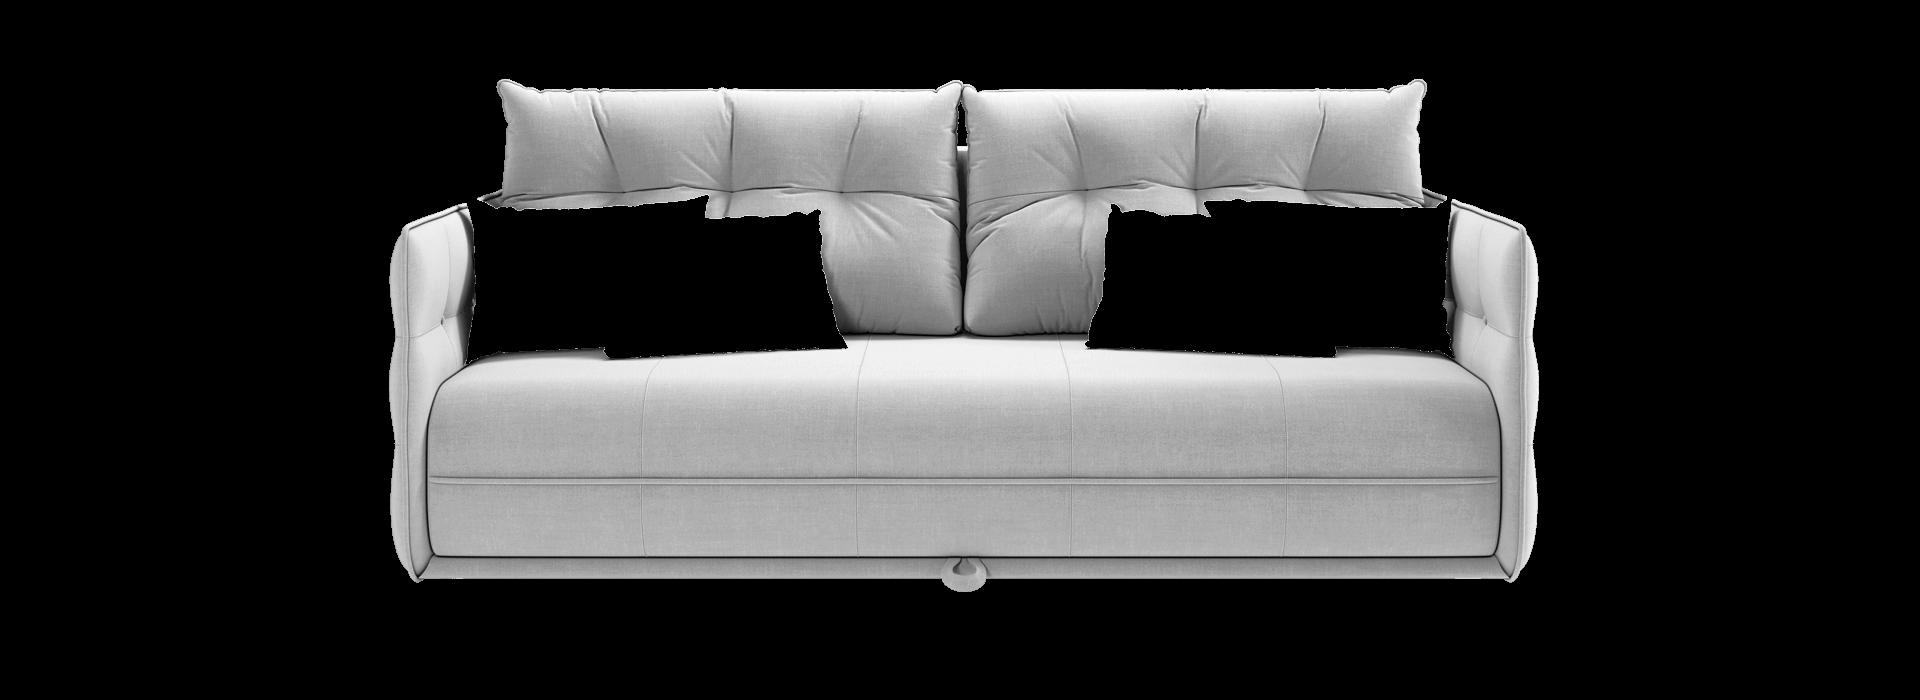 Анрі прямий диван - маска 1